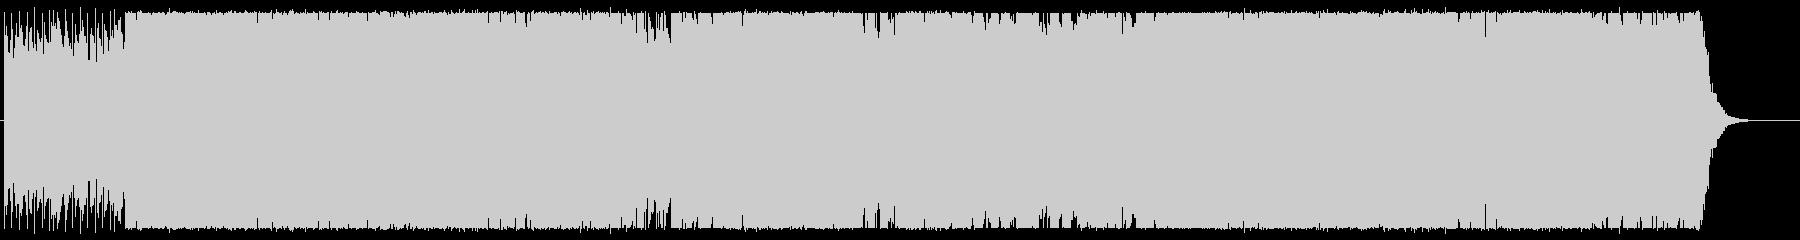 軽やかでクールなエレキポップサウンドの未再生の波形